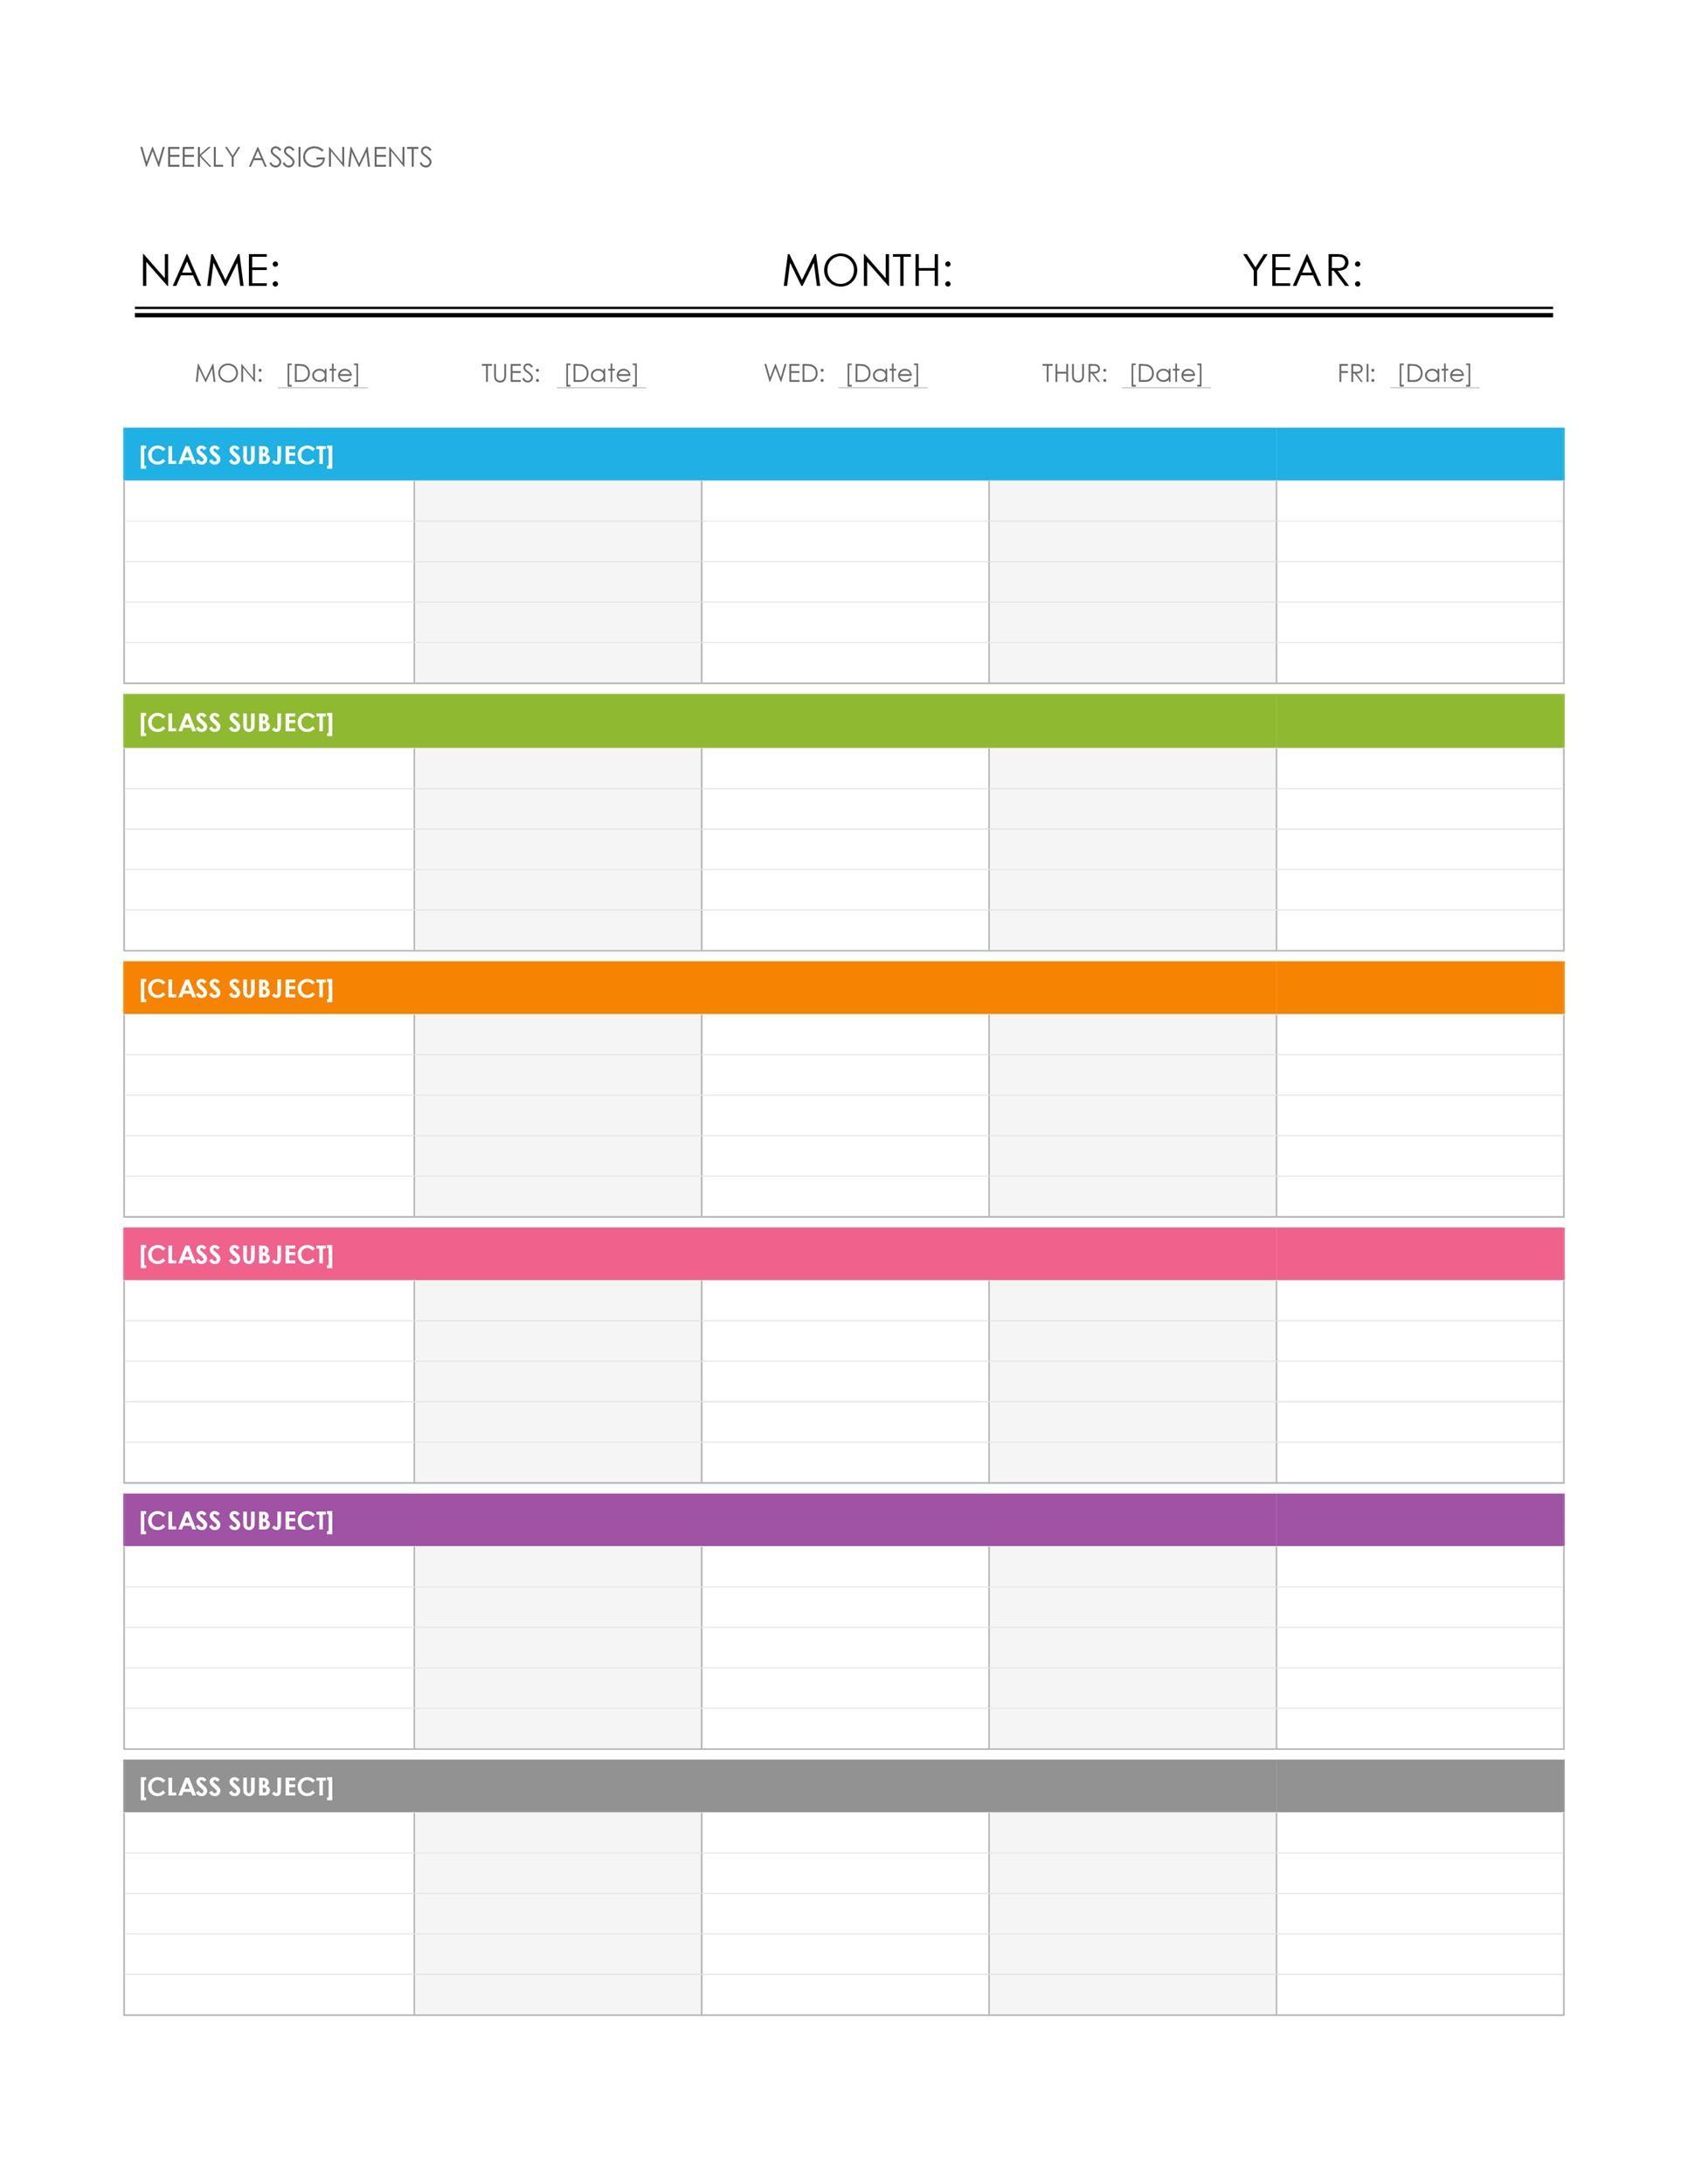 Free weekly calendar template 09